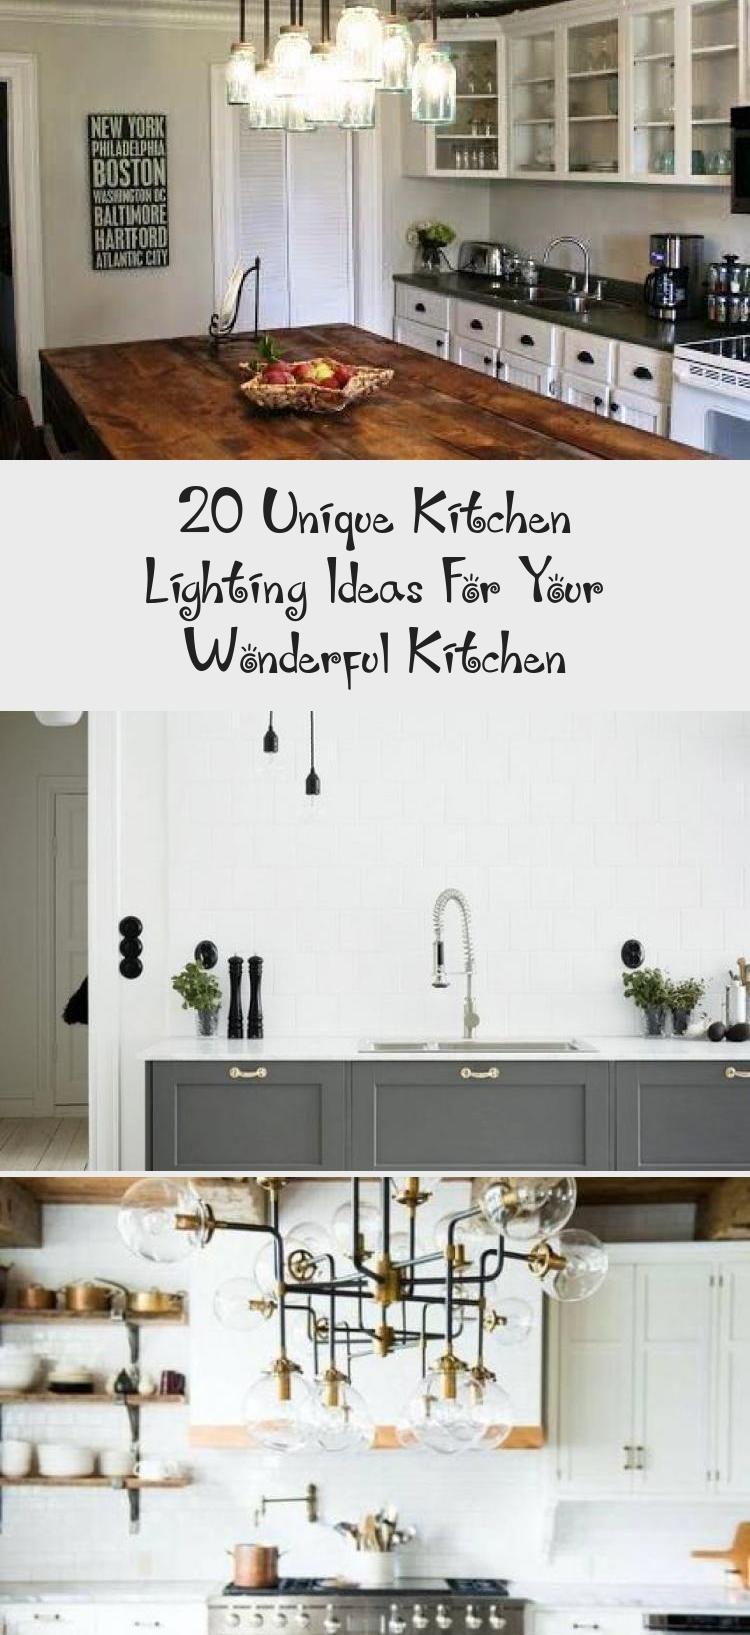 20 Unique Kitchen Lighting Ideas For Your Wonderful Kitchen In 2020 Kitchen Lighting Kitchen Fixtures Farmhouse Kitchen Decor